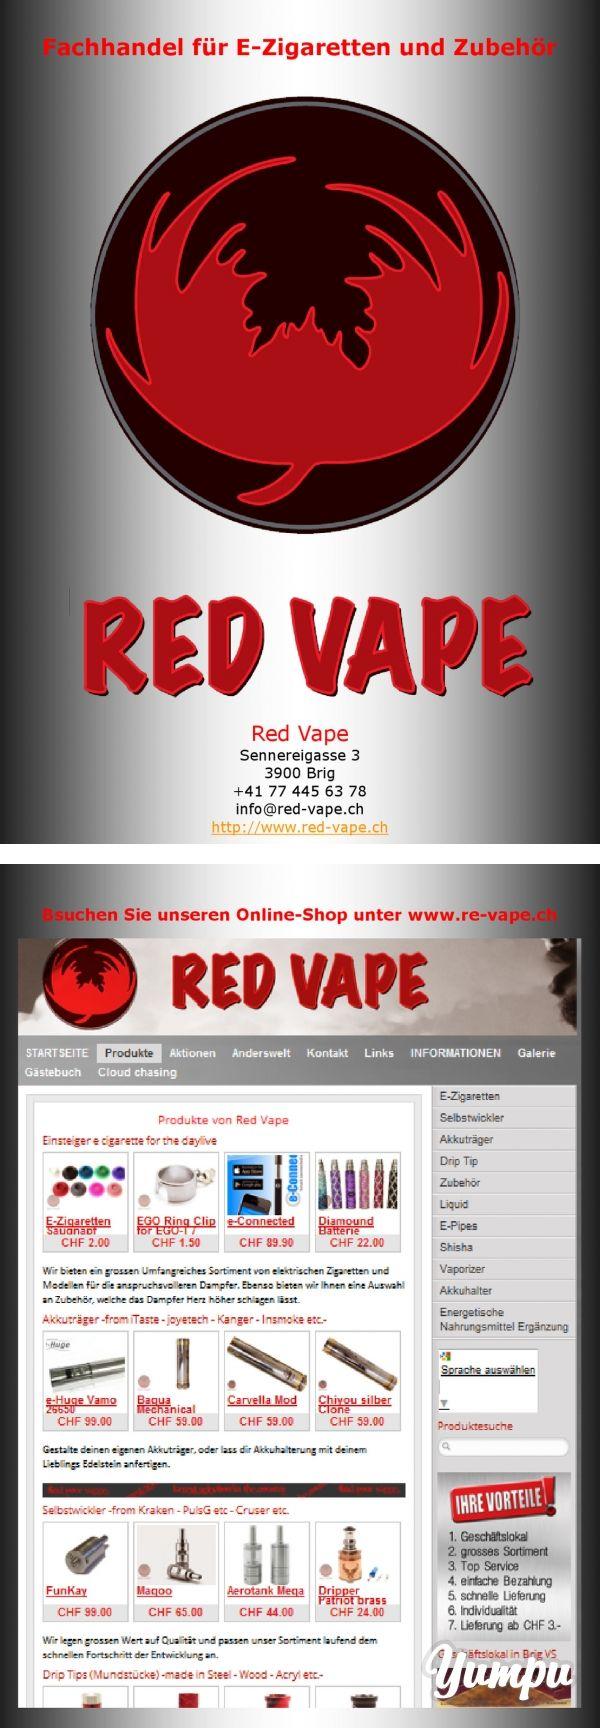 Fachhandel für E-Zigaretten und Zubehör - Magazine with 7 pages: www.Red-Vape.ch vertreibt E-Ziagretten und Zubehör. Wir bieten ein grosses Sortiment für ein dauerhaftes und geschmackvolles Dampfen an. Red Vape führt diverse Marken von iTaste, Insmoke, Kanger, Fuel, Zazo und viele mehr. Überzeuge dich selbst.  Es gibt in der Zwischenzeit viele Bezeichnung für e zigaretten - vapor cigarettes - e cig - clectronic cigrette - elektro zigarette usw. Wir nennen es einfach Dampfer. Denn das ...